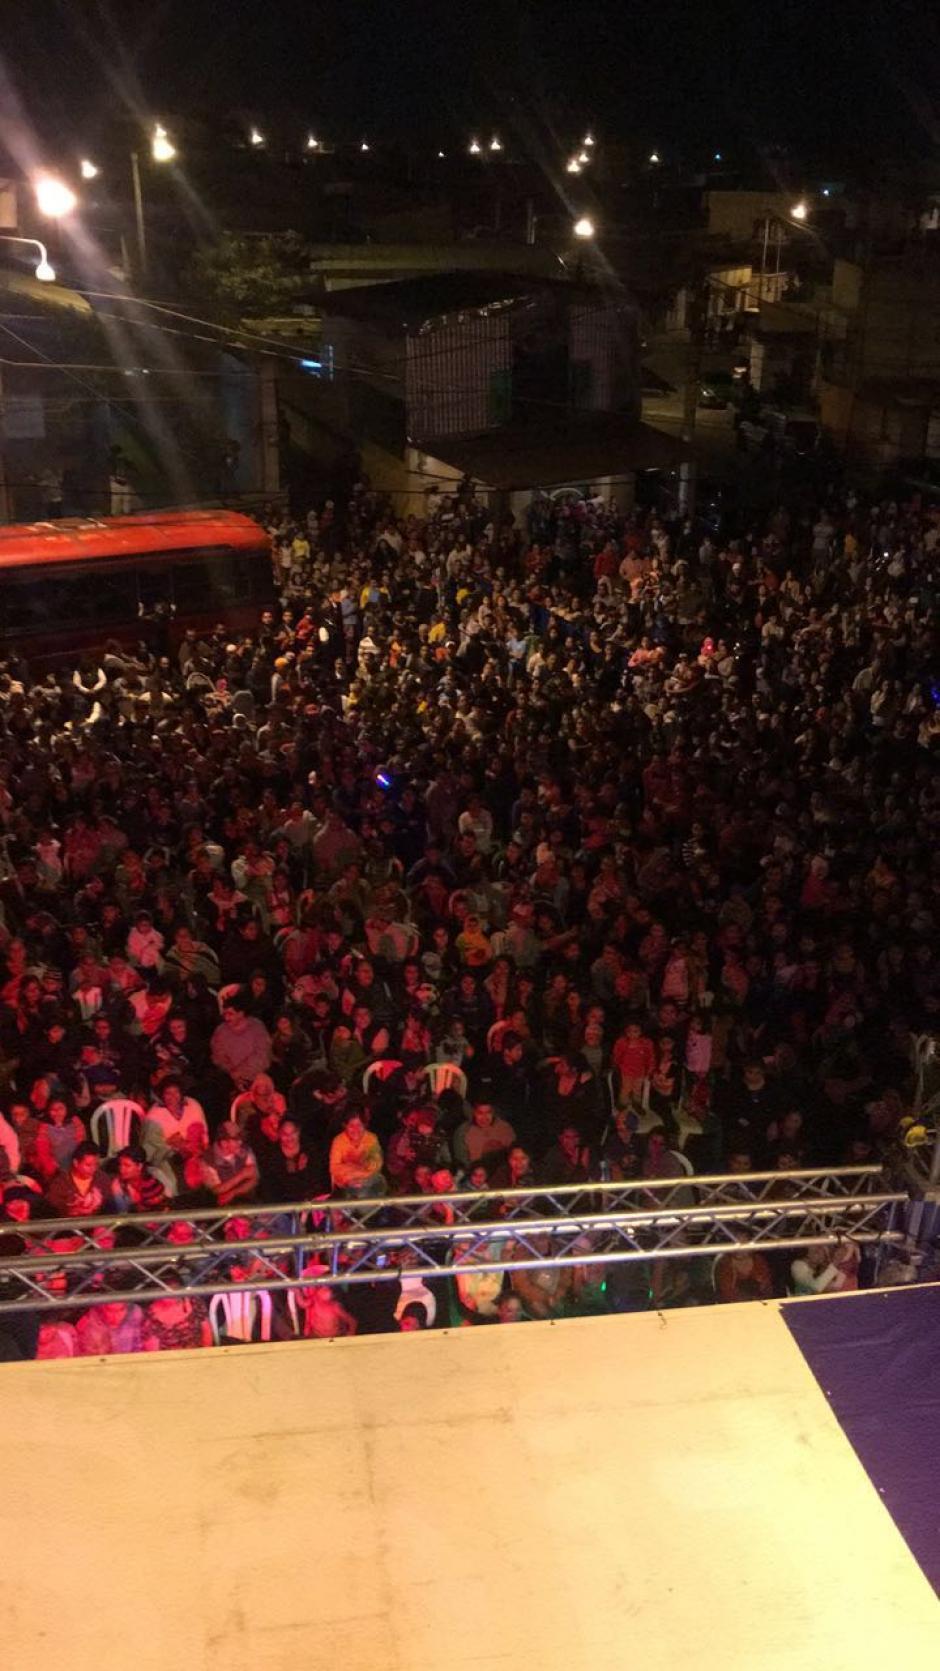 Cientos de vecinos del lugar asistieron a la inauguración. (Foto: Municipalidad de Mixco)